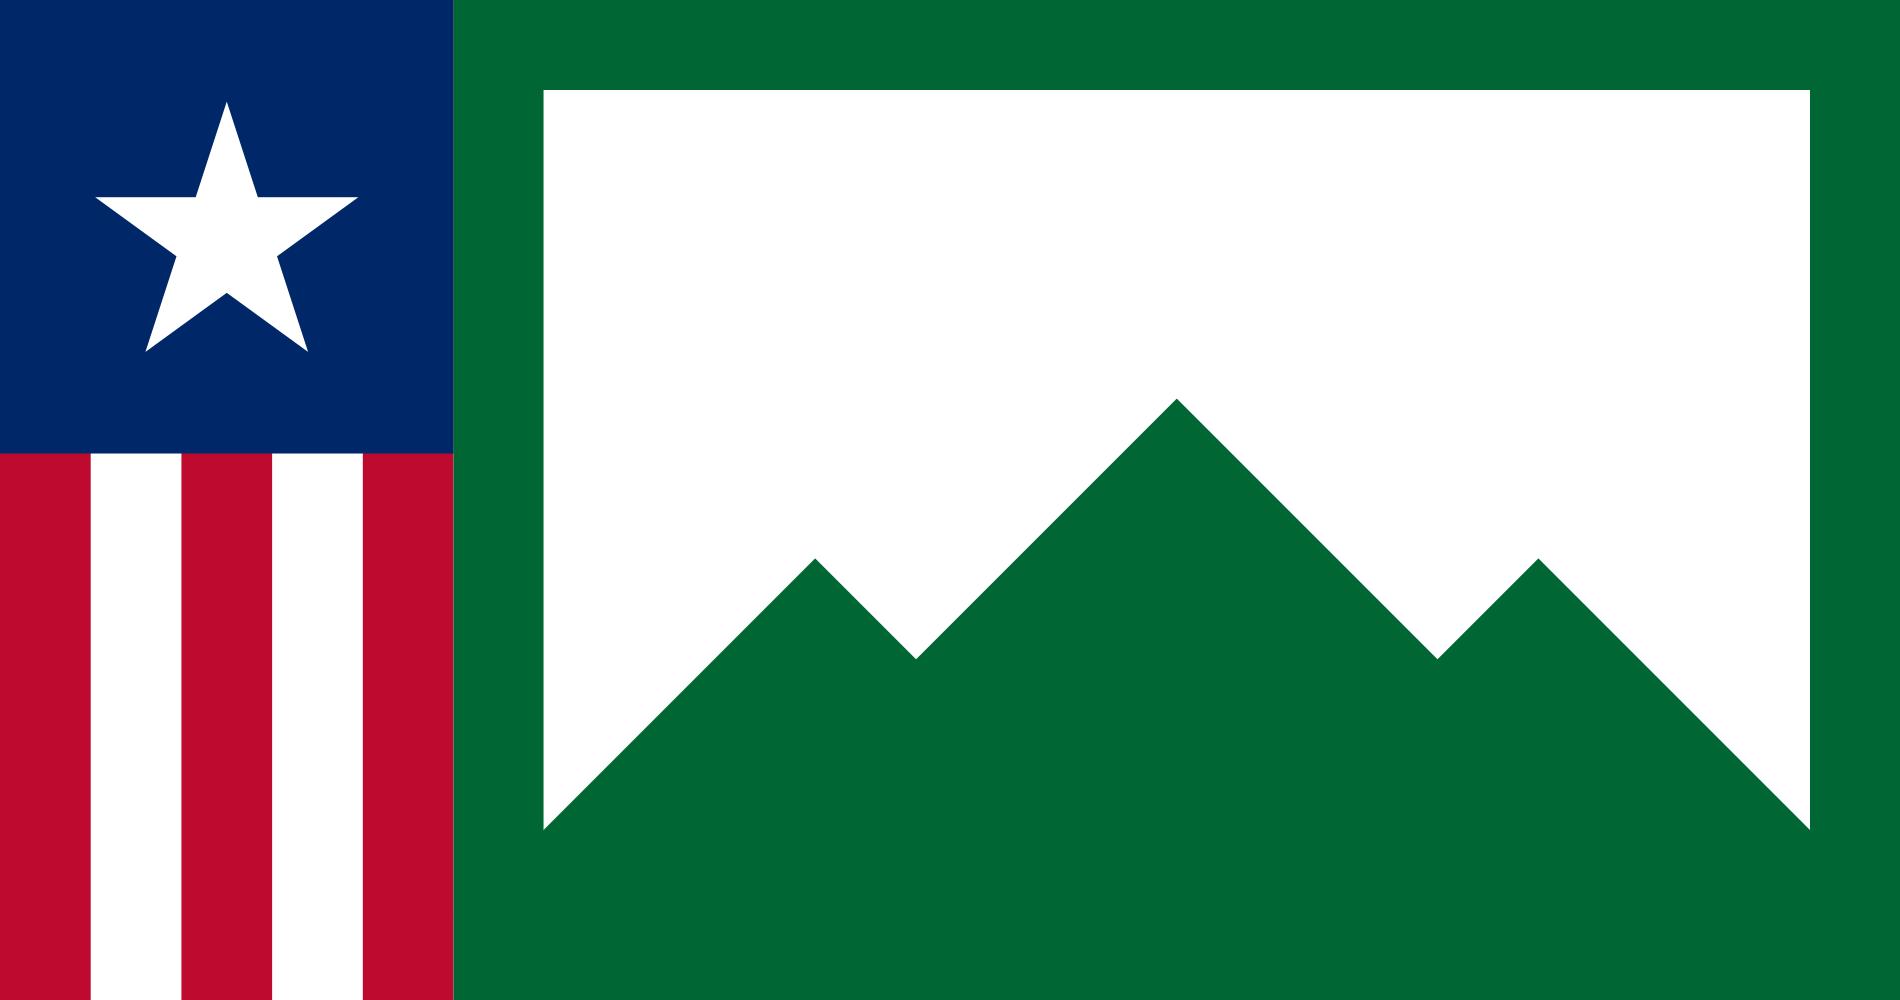 Grand Cape Mount County